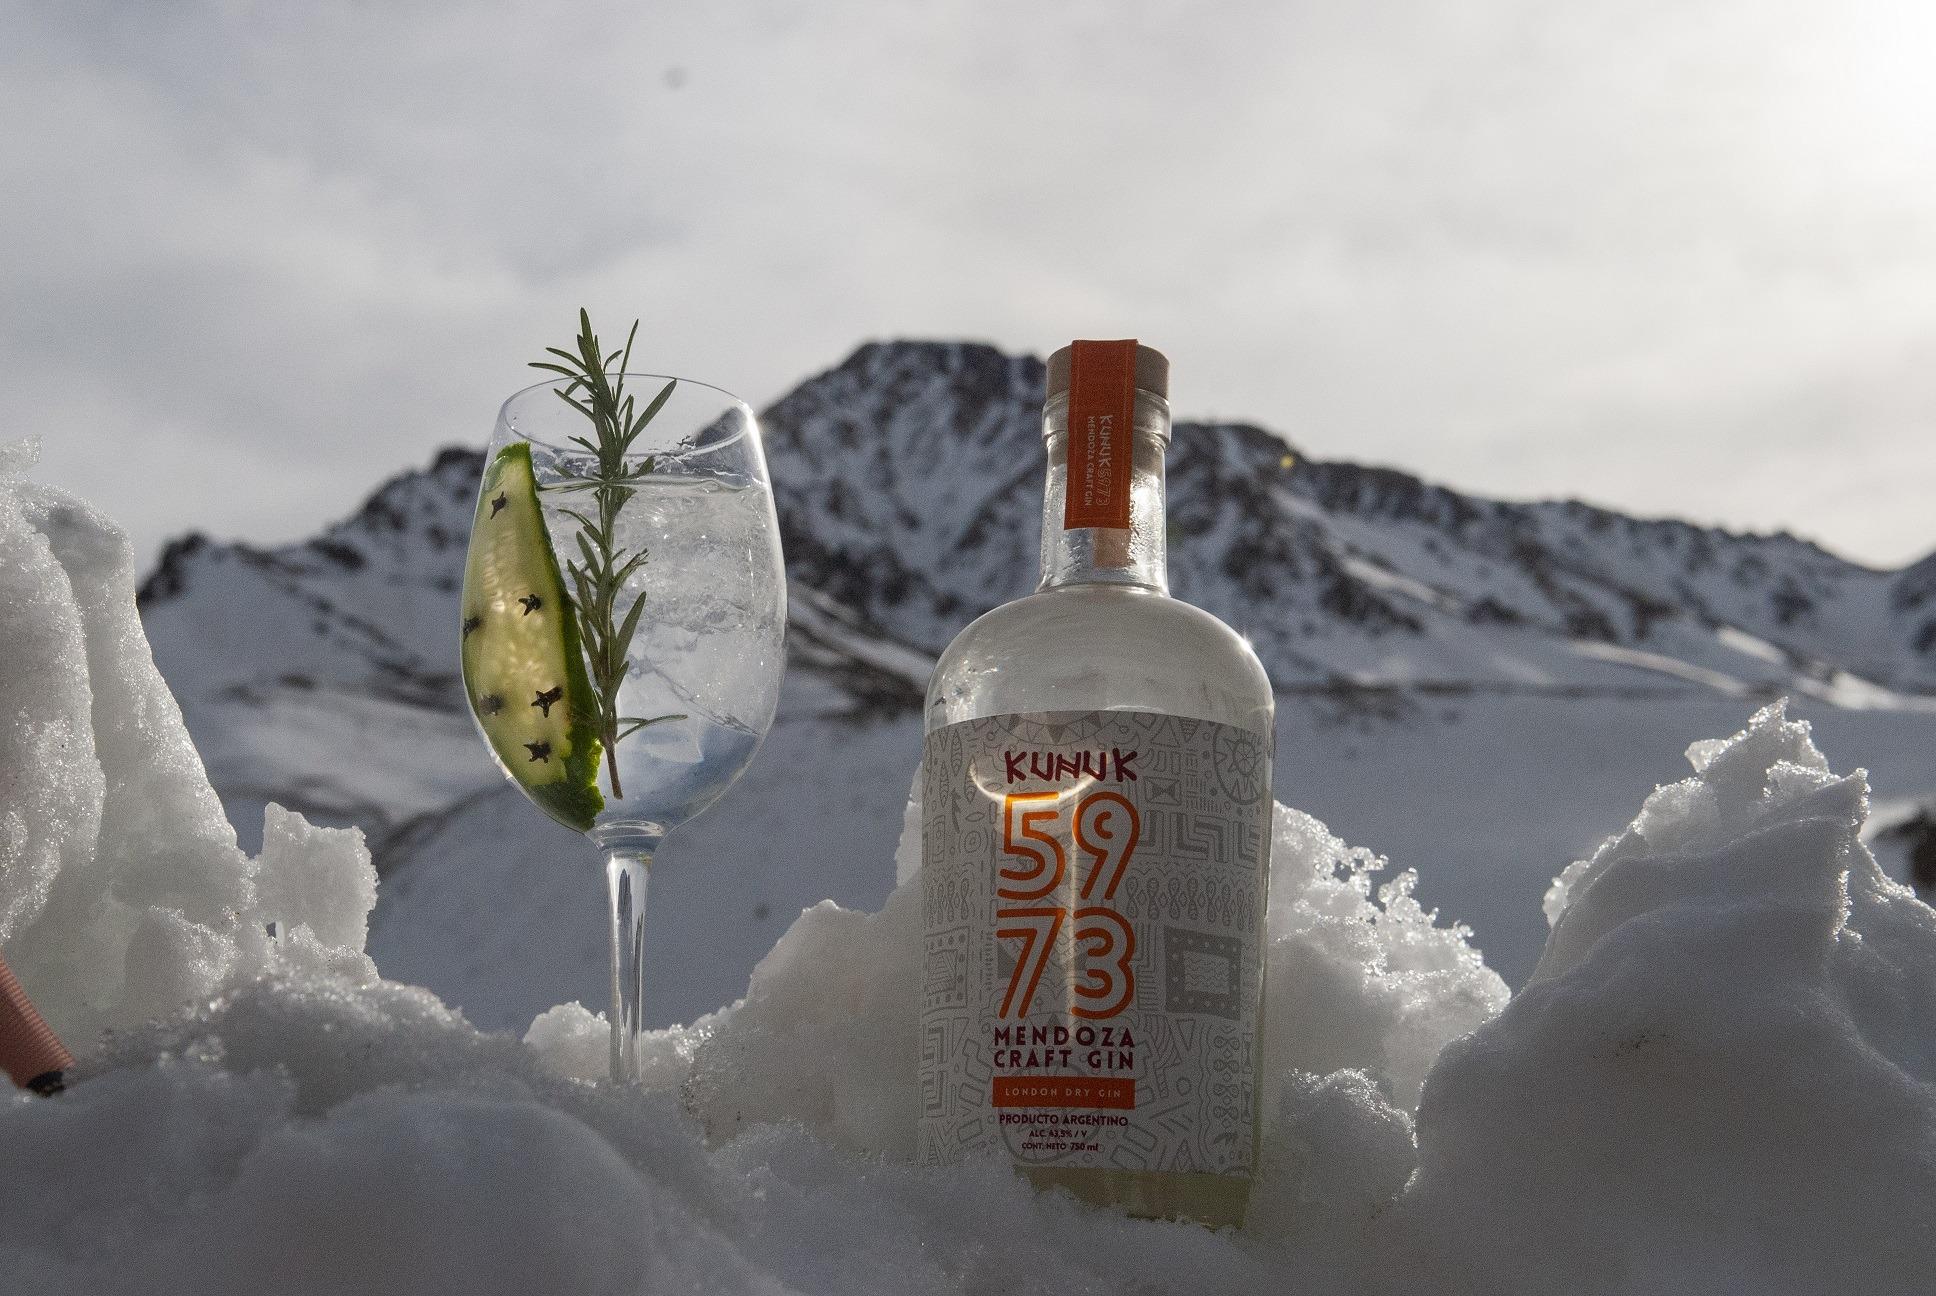 Nuevo premio internacional para el Gin Mendocino Kunuk 5973